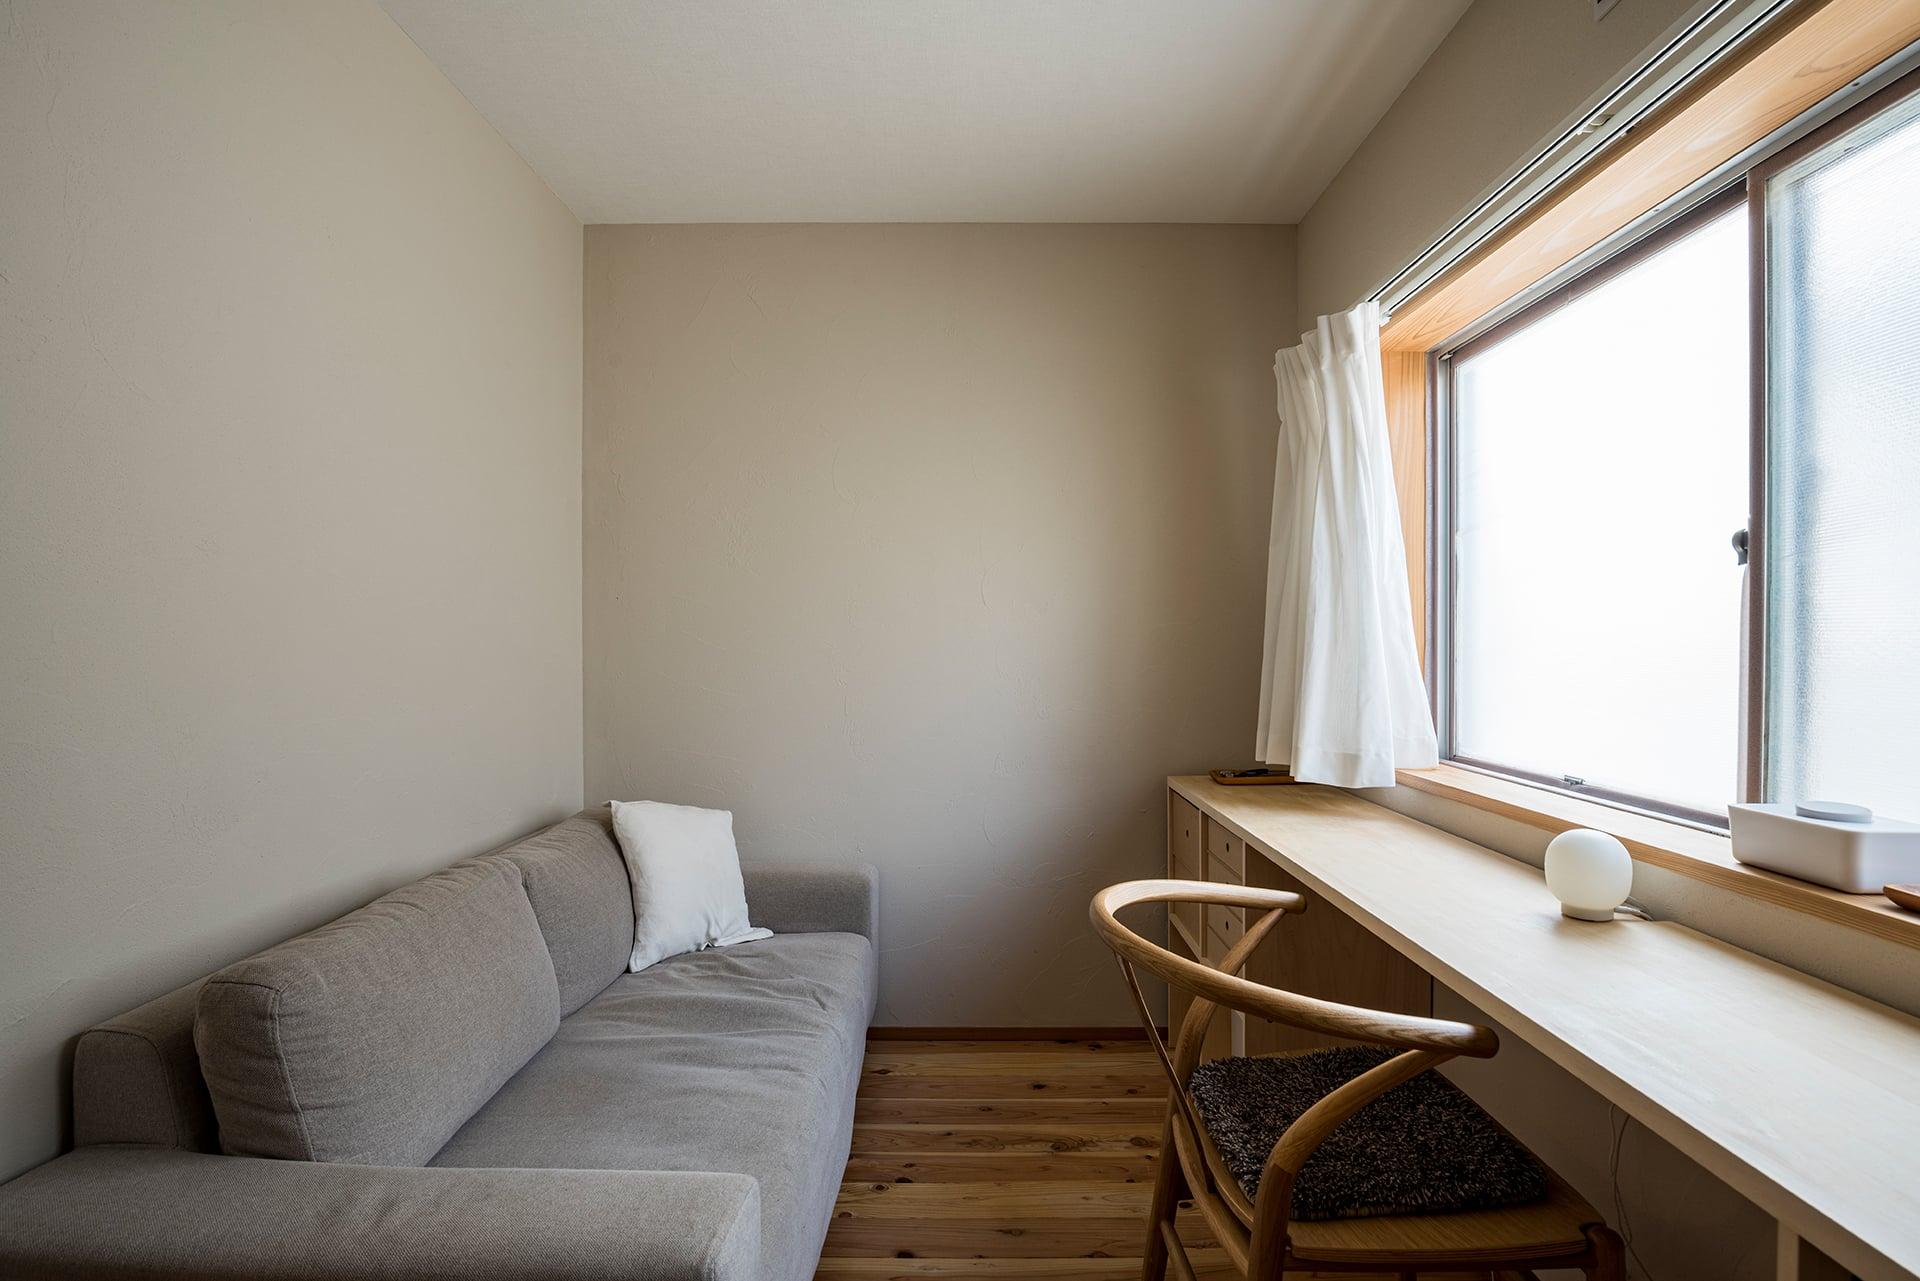 住みやすさと健康にこだわった光と風が抜ける家 | こだわりの自然素材・天然素材の注文住宅・リノベーション(フルリフォーム)の駿河屋